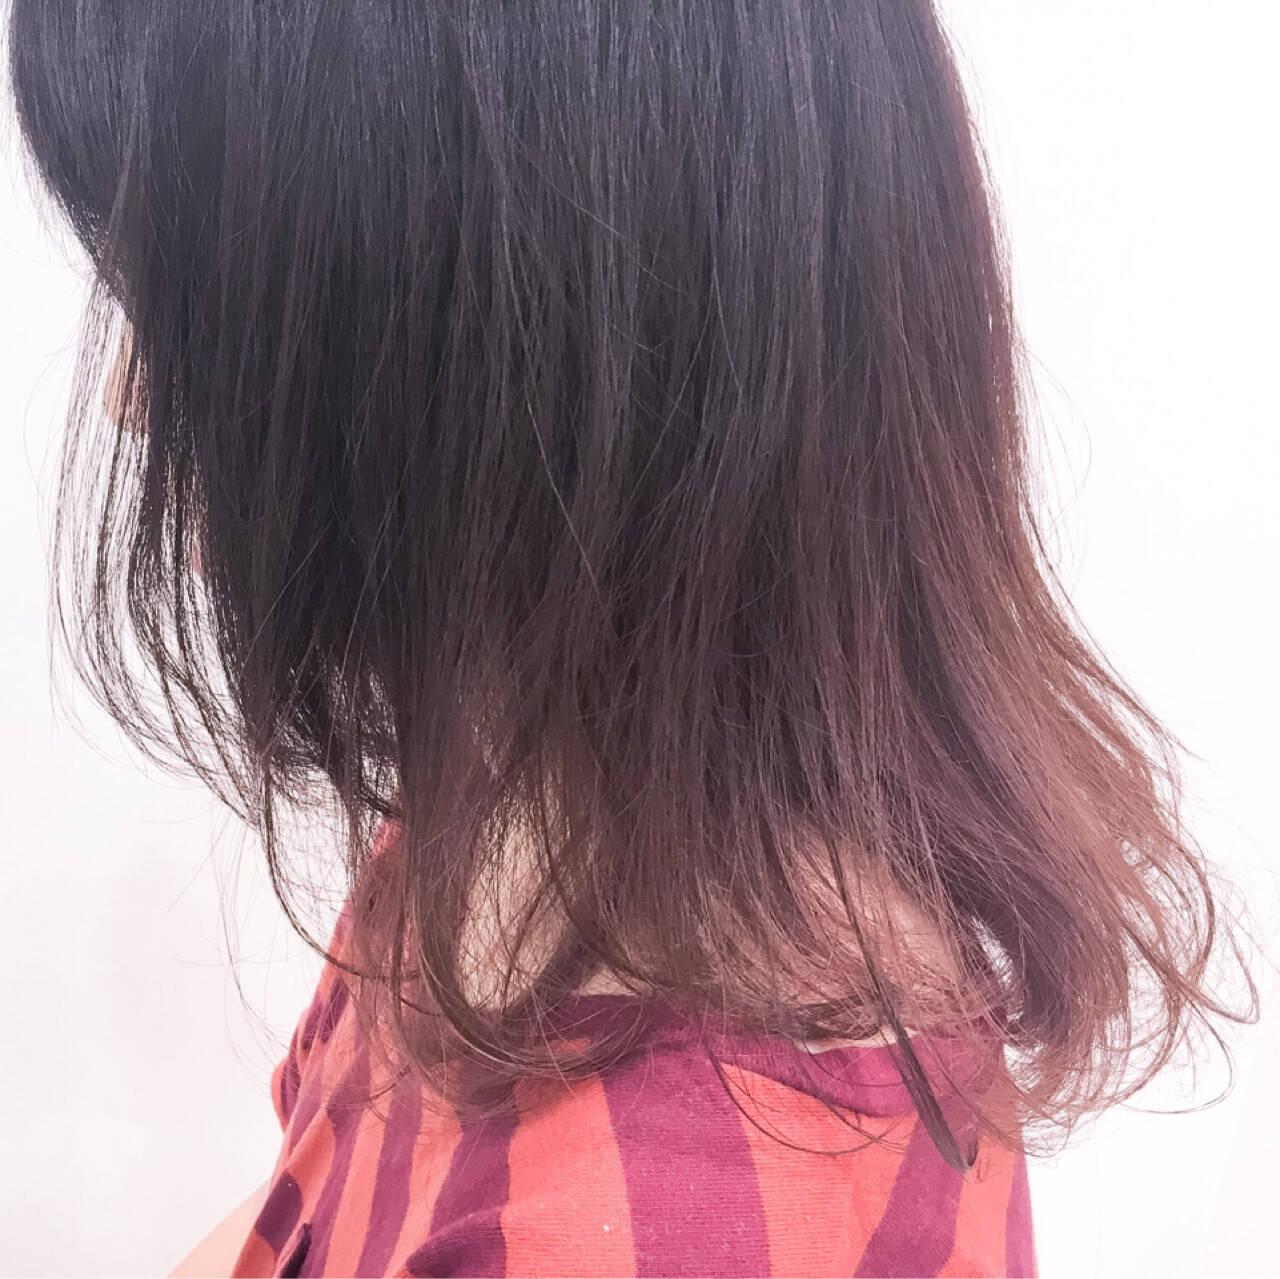 グラデーションカラー ストリート ビビッドカラー ミディアムヘアスタイルや髪型の写真・画像